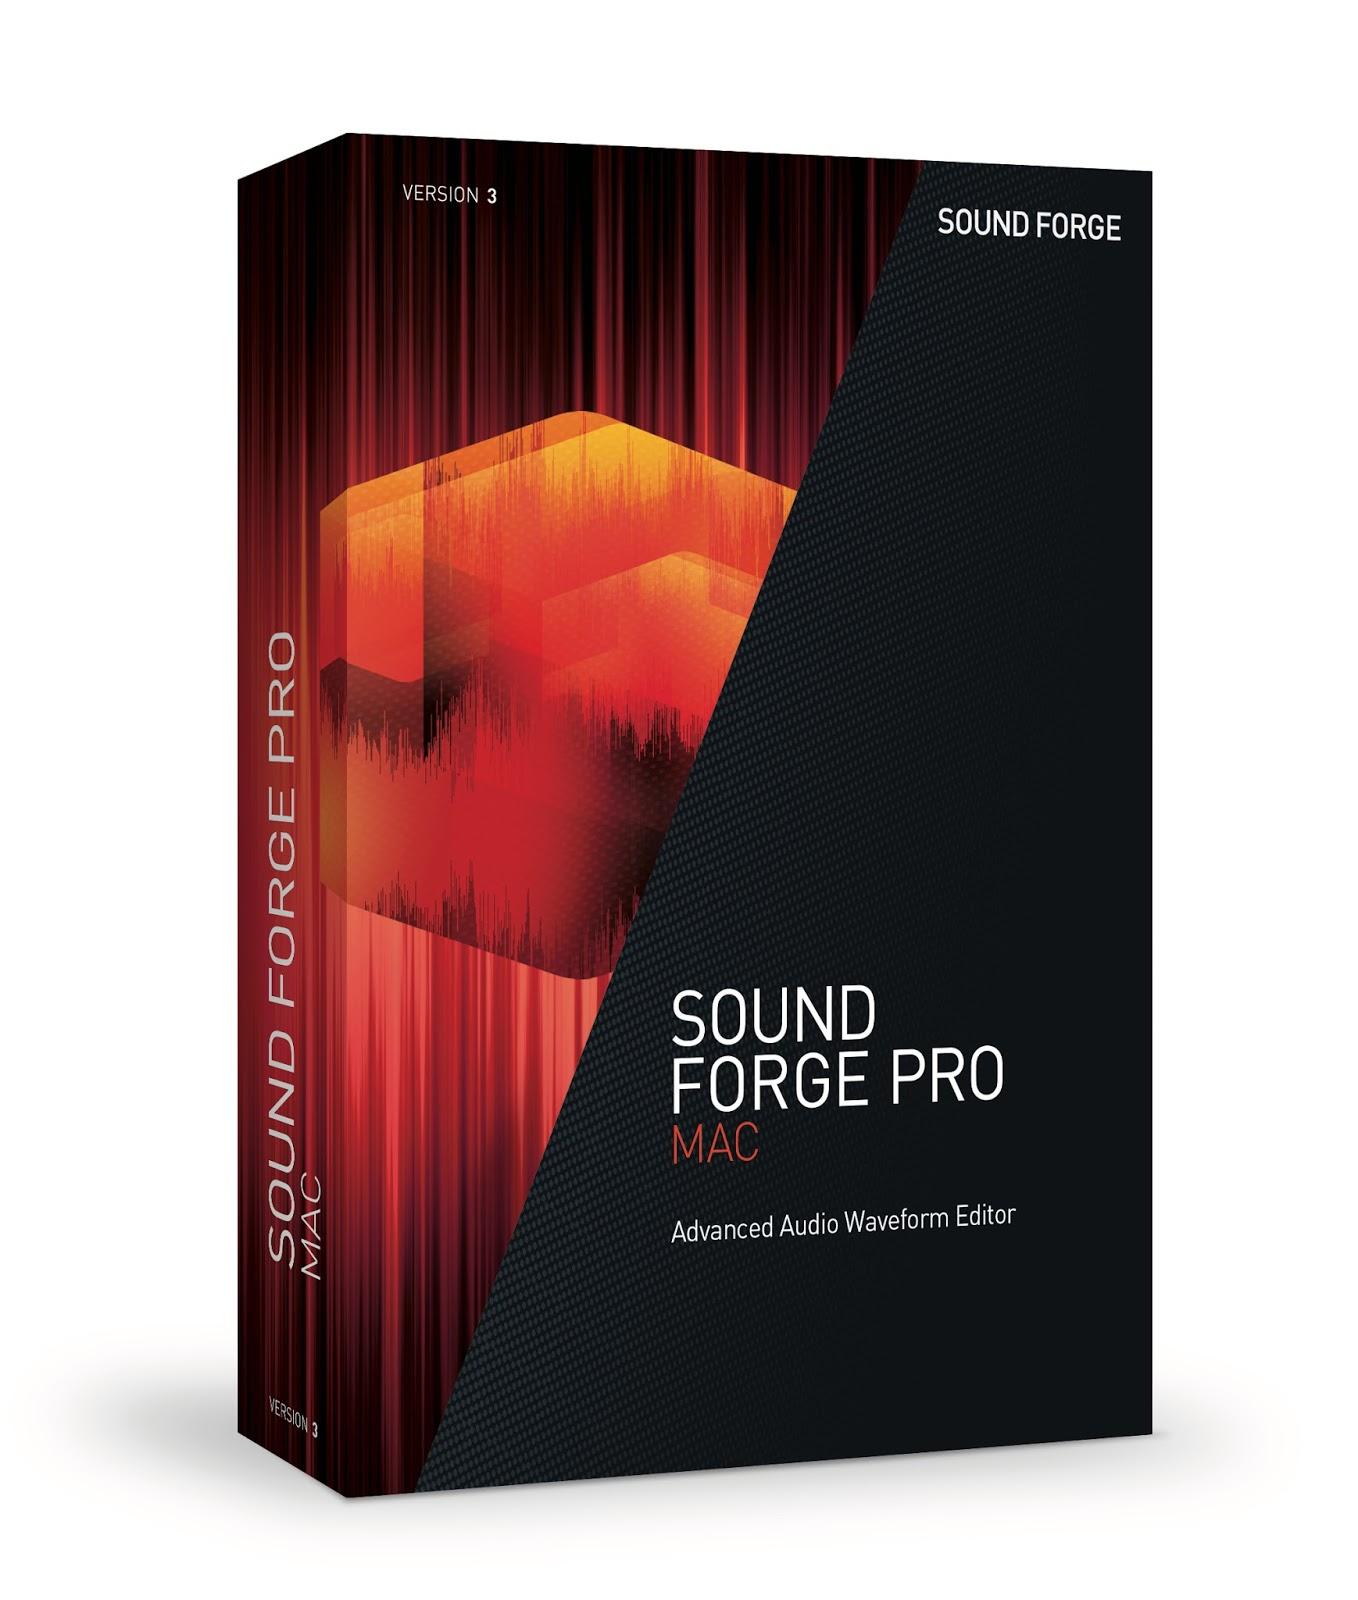 keygen for magix sound forge pro 11